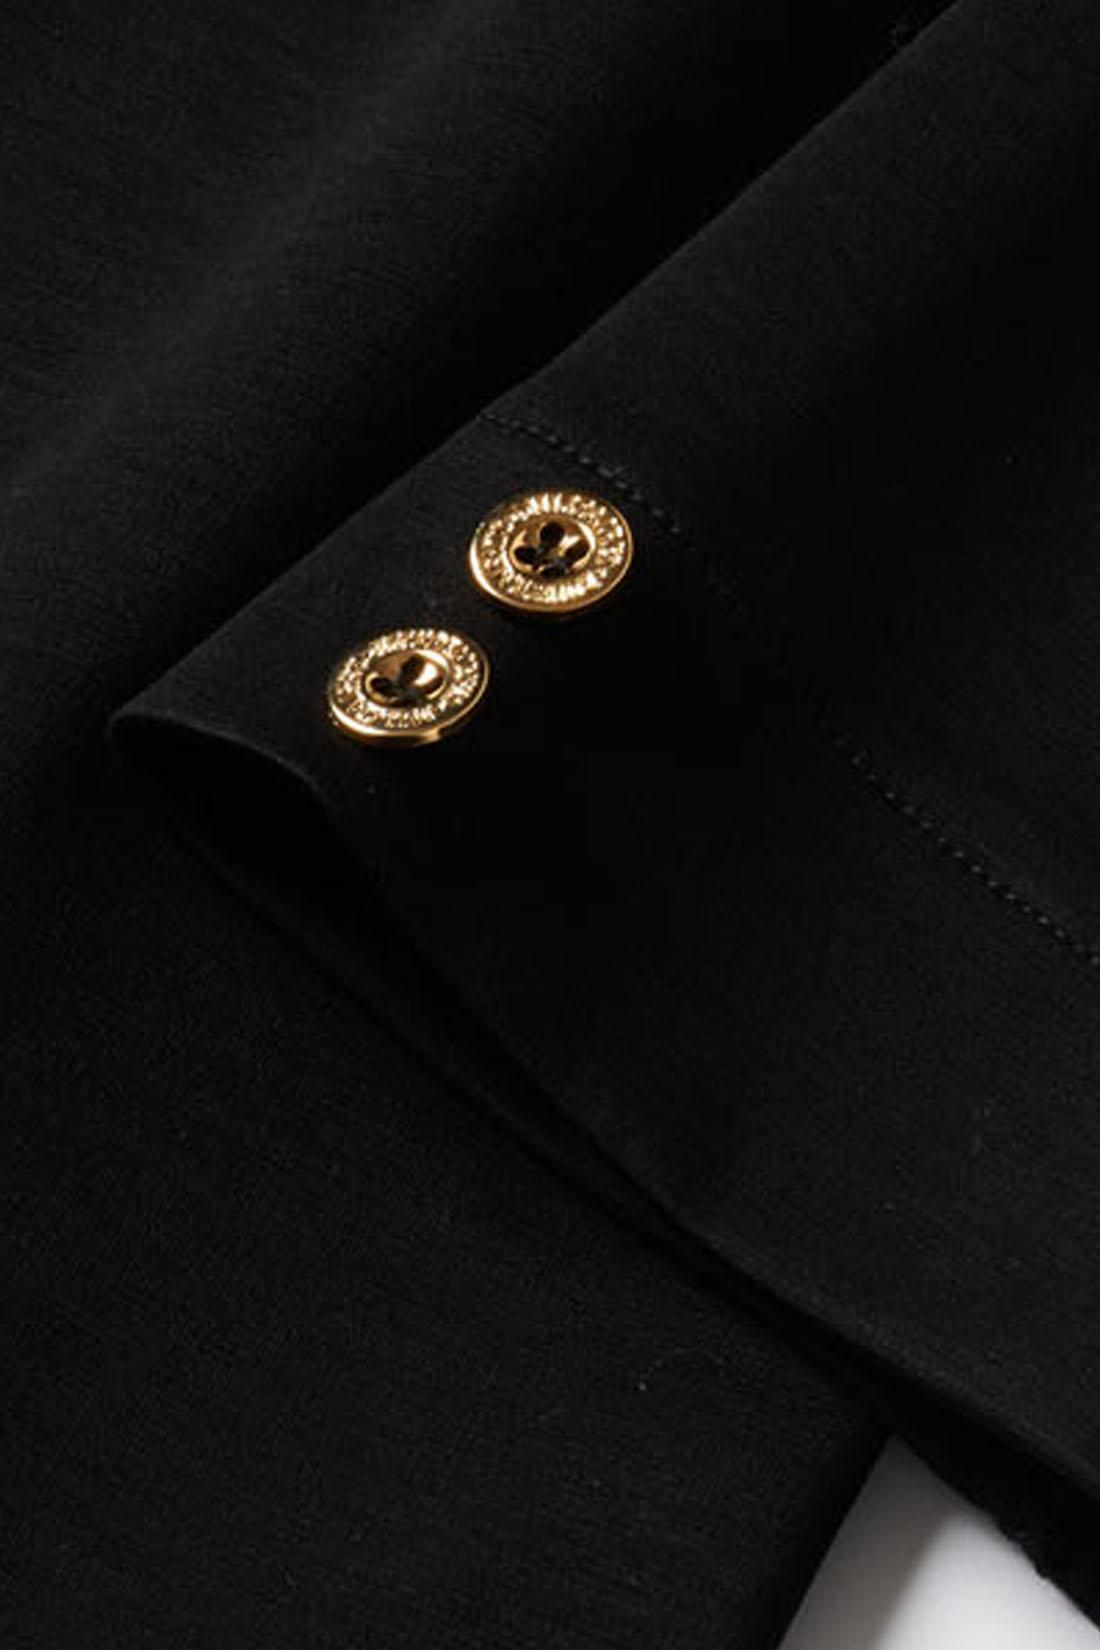 手首を華奢(きゃしゃ)に見せる九分袖に。アクセントになる袖口のゴールドボタン。